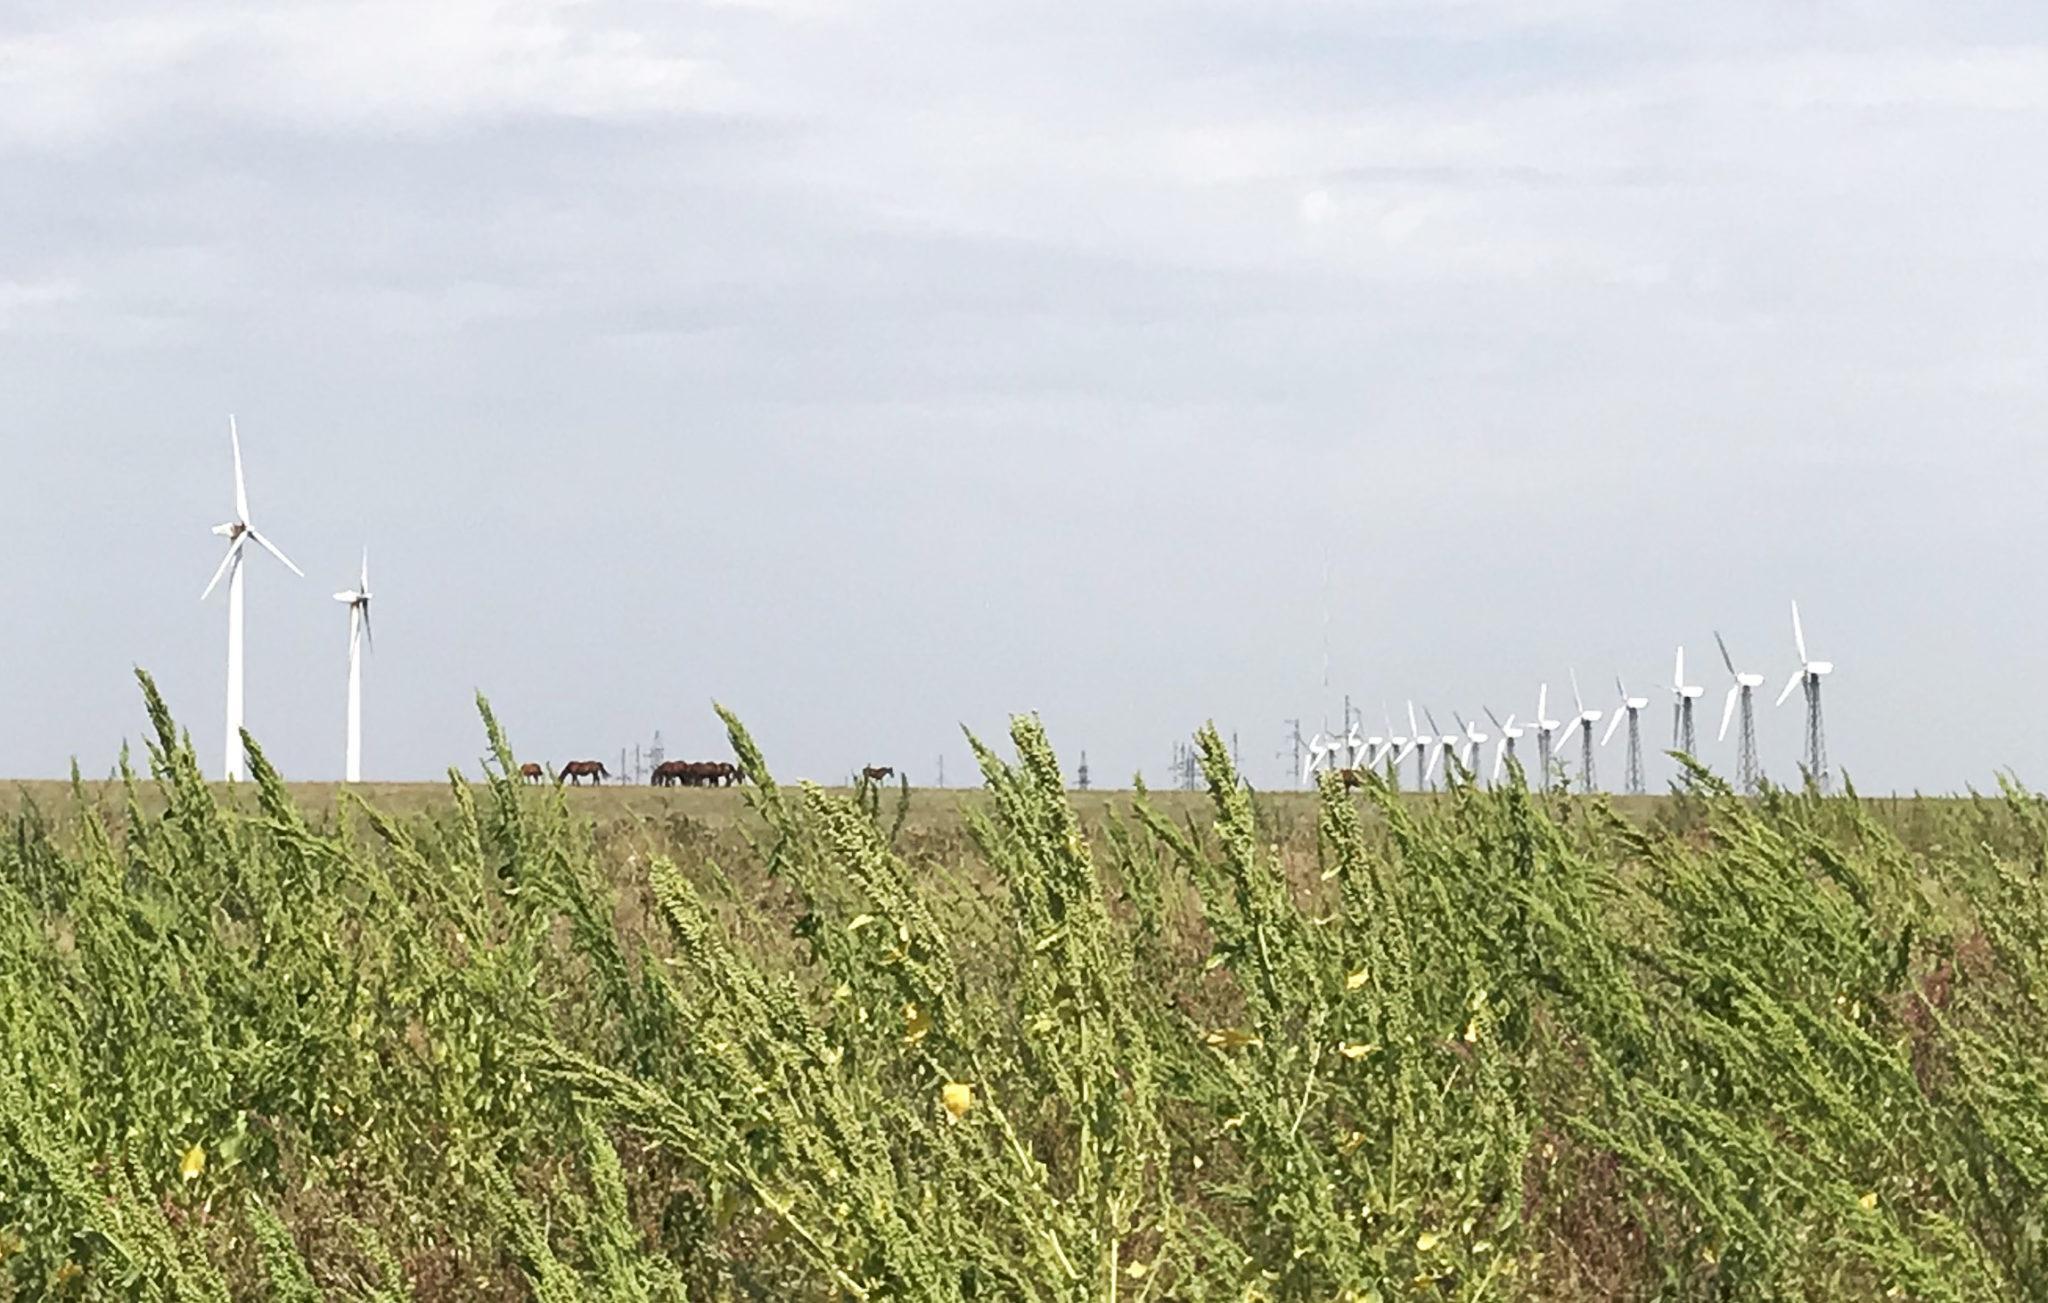 Windmills in Ukraine